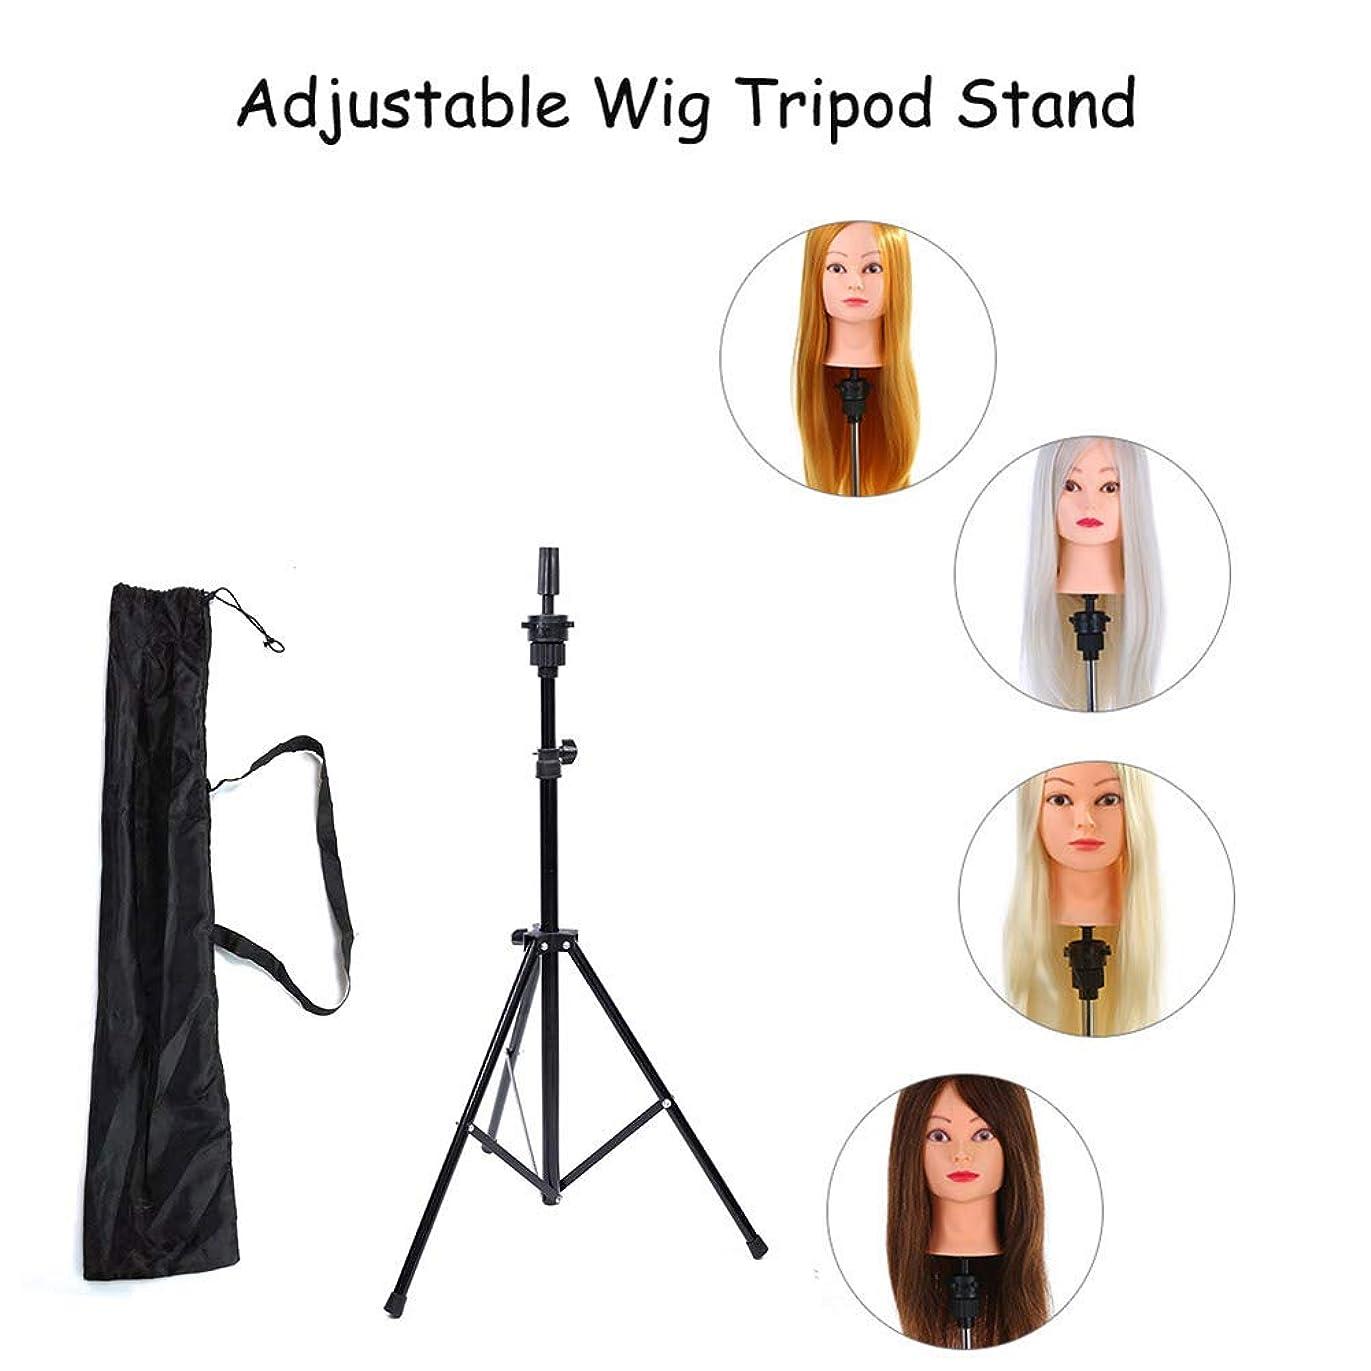 増幅やめるやめるマネキンウィッグヘッド三脚スタンド調節可能な美容トレーニング人形ヘッドホルダー用理髪かつらスタンド付きキャリーバッグ